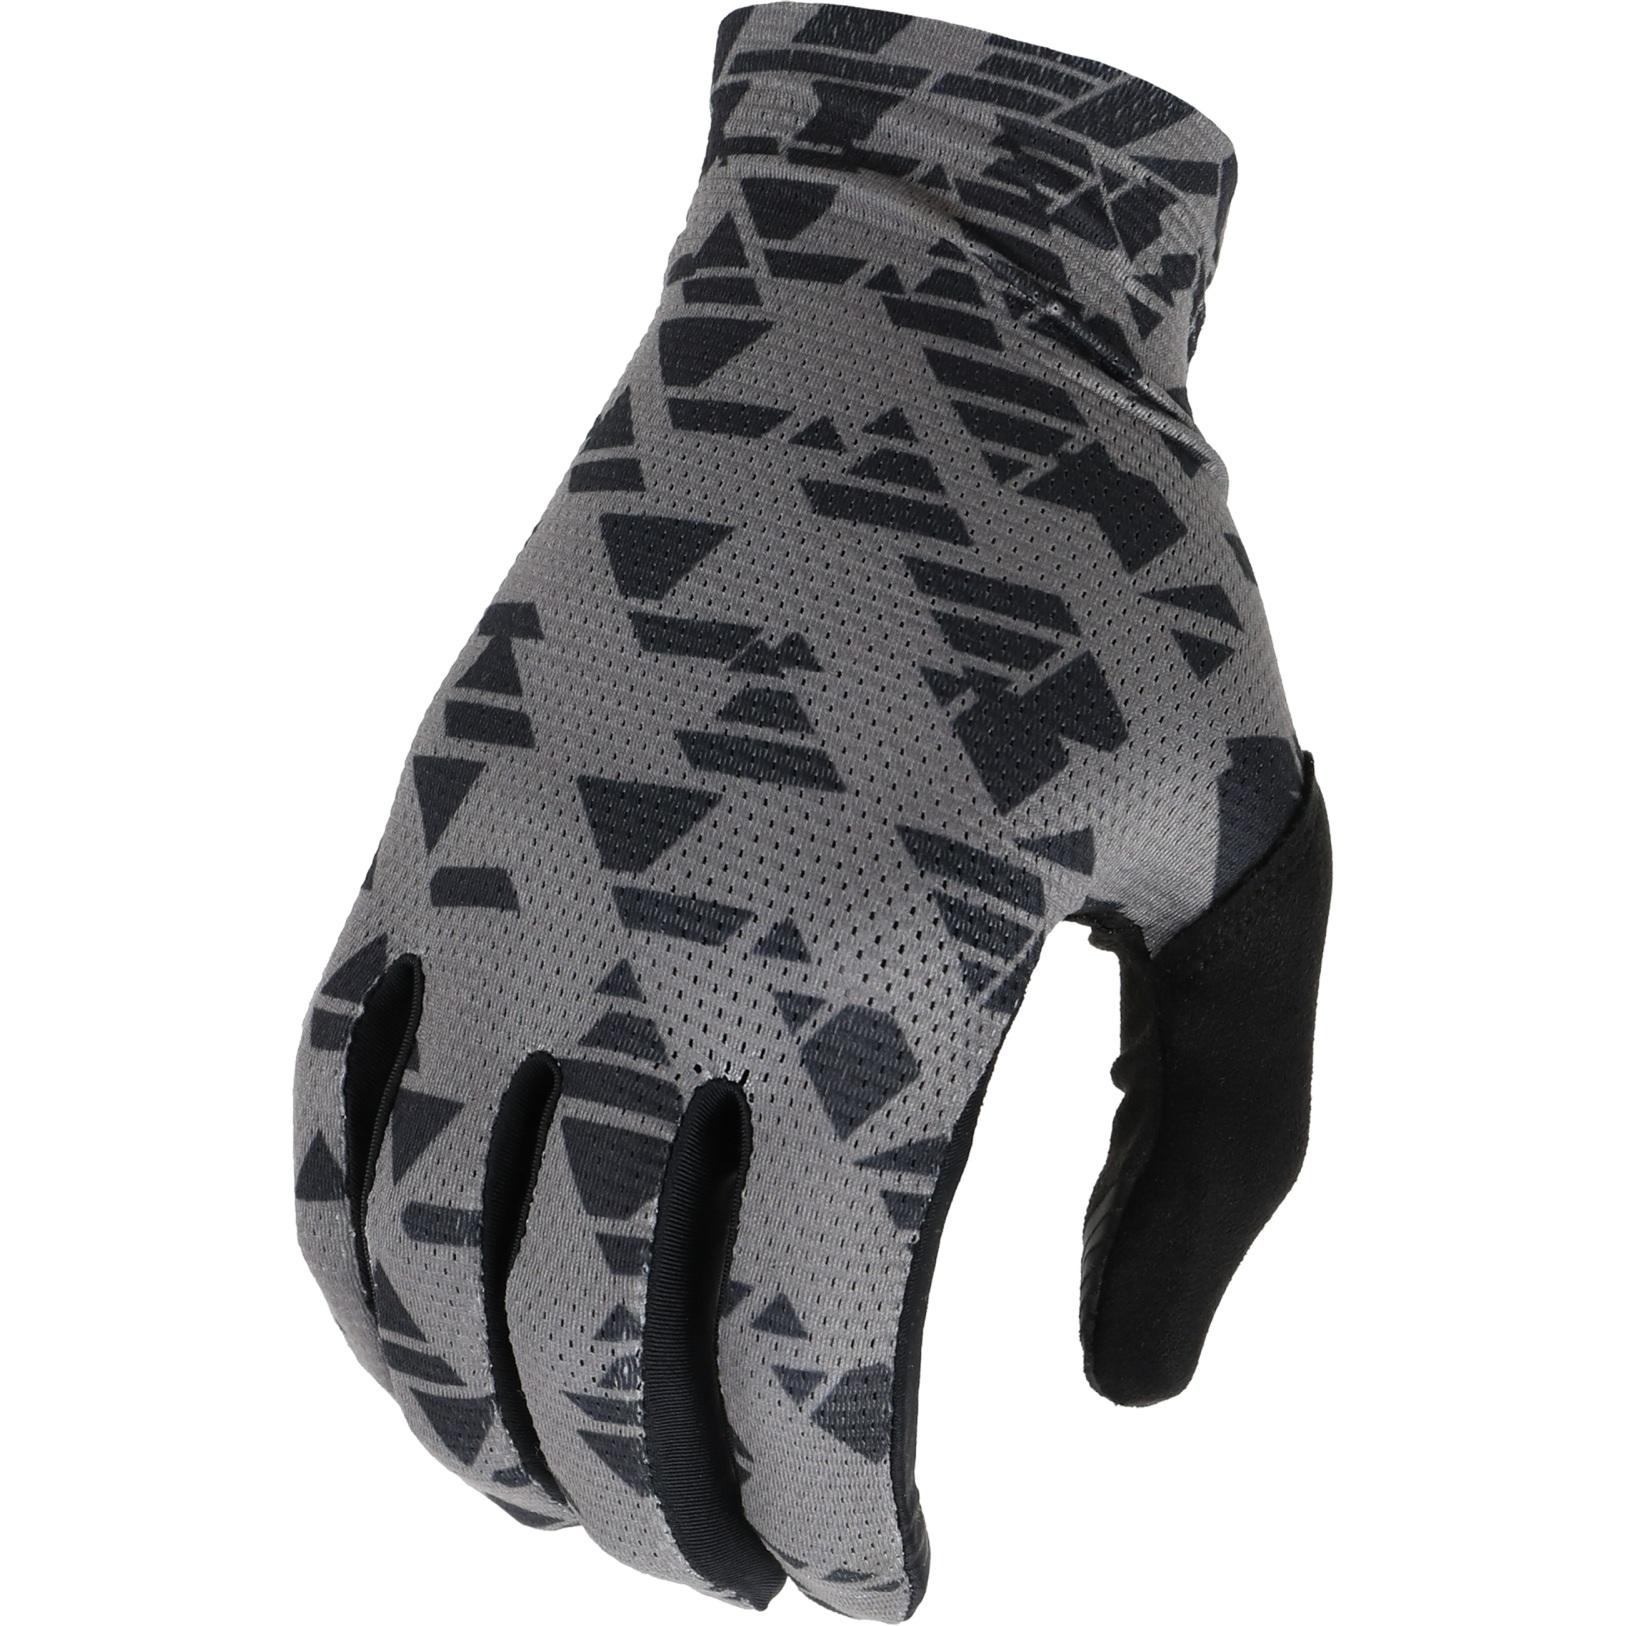 Yeti Cycles Enduro Gloves - Gunmetal